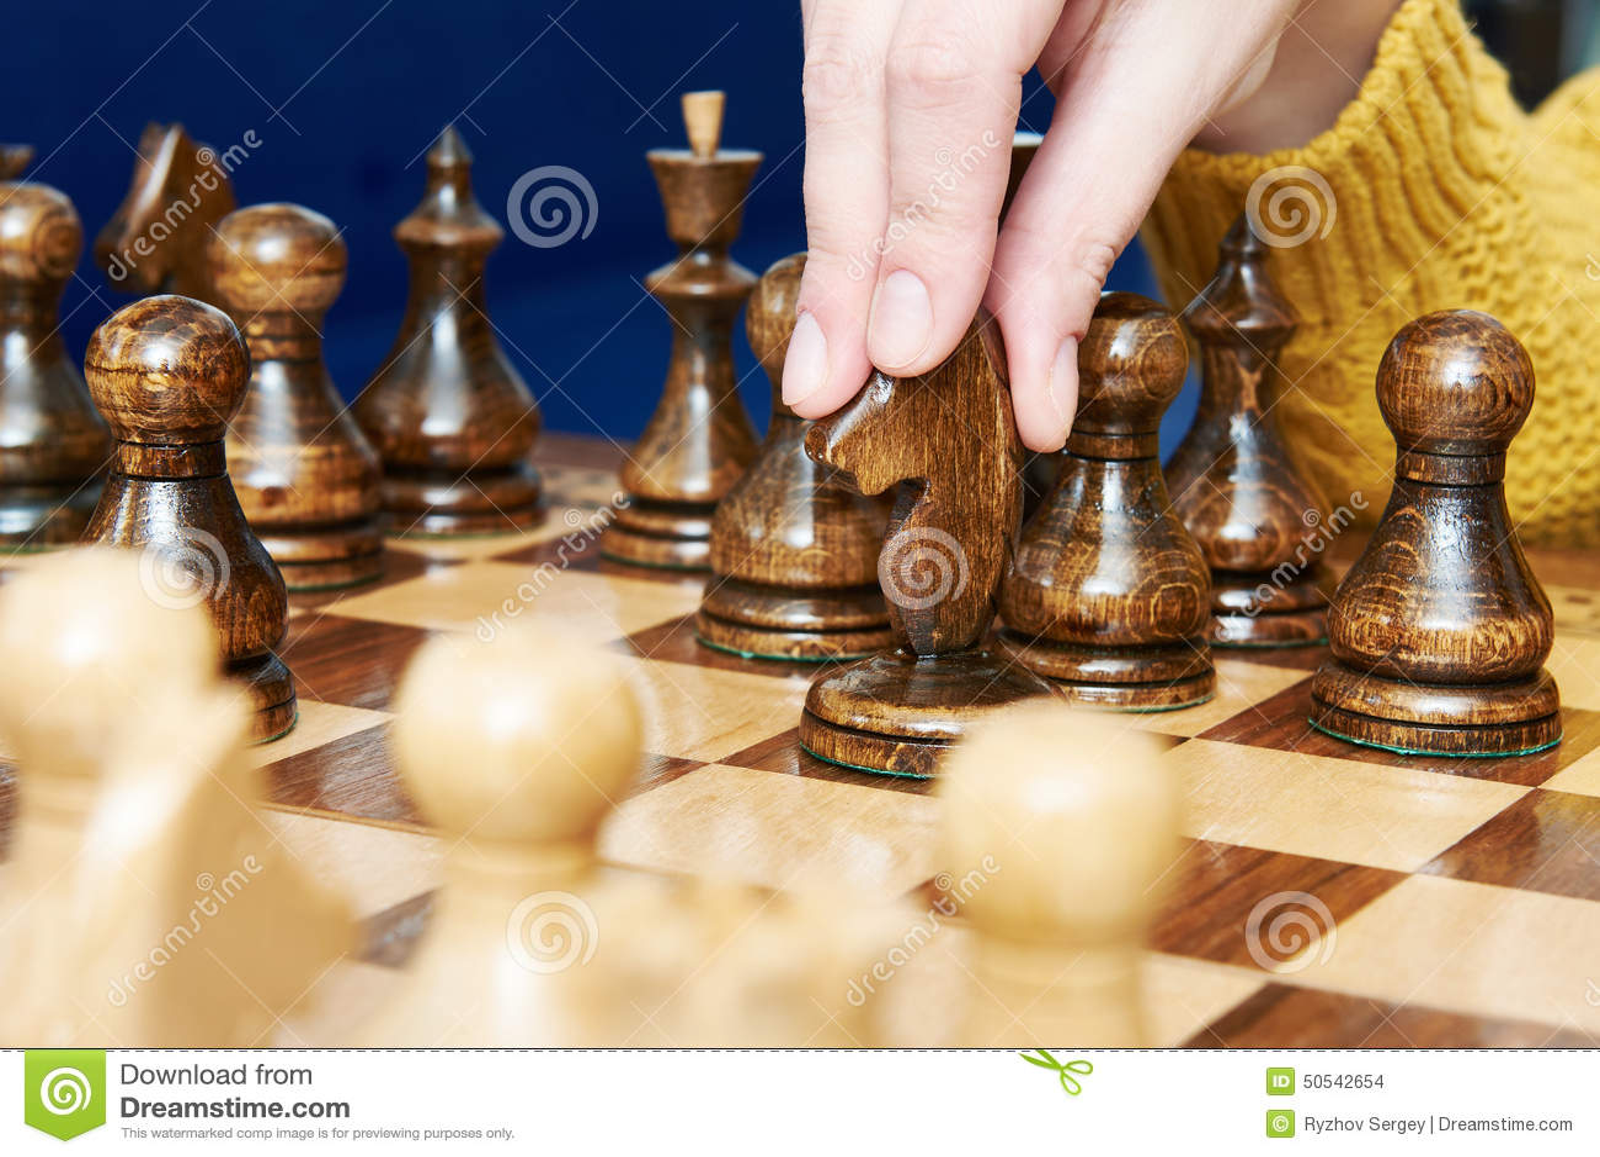 Ελιγμός με το άλογο στο παιχνίδι σκακιού